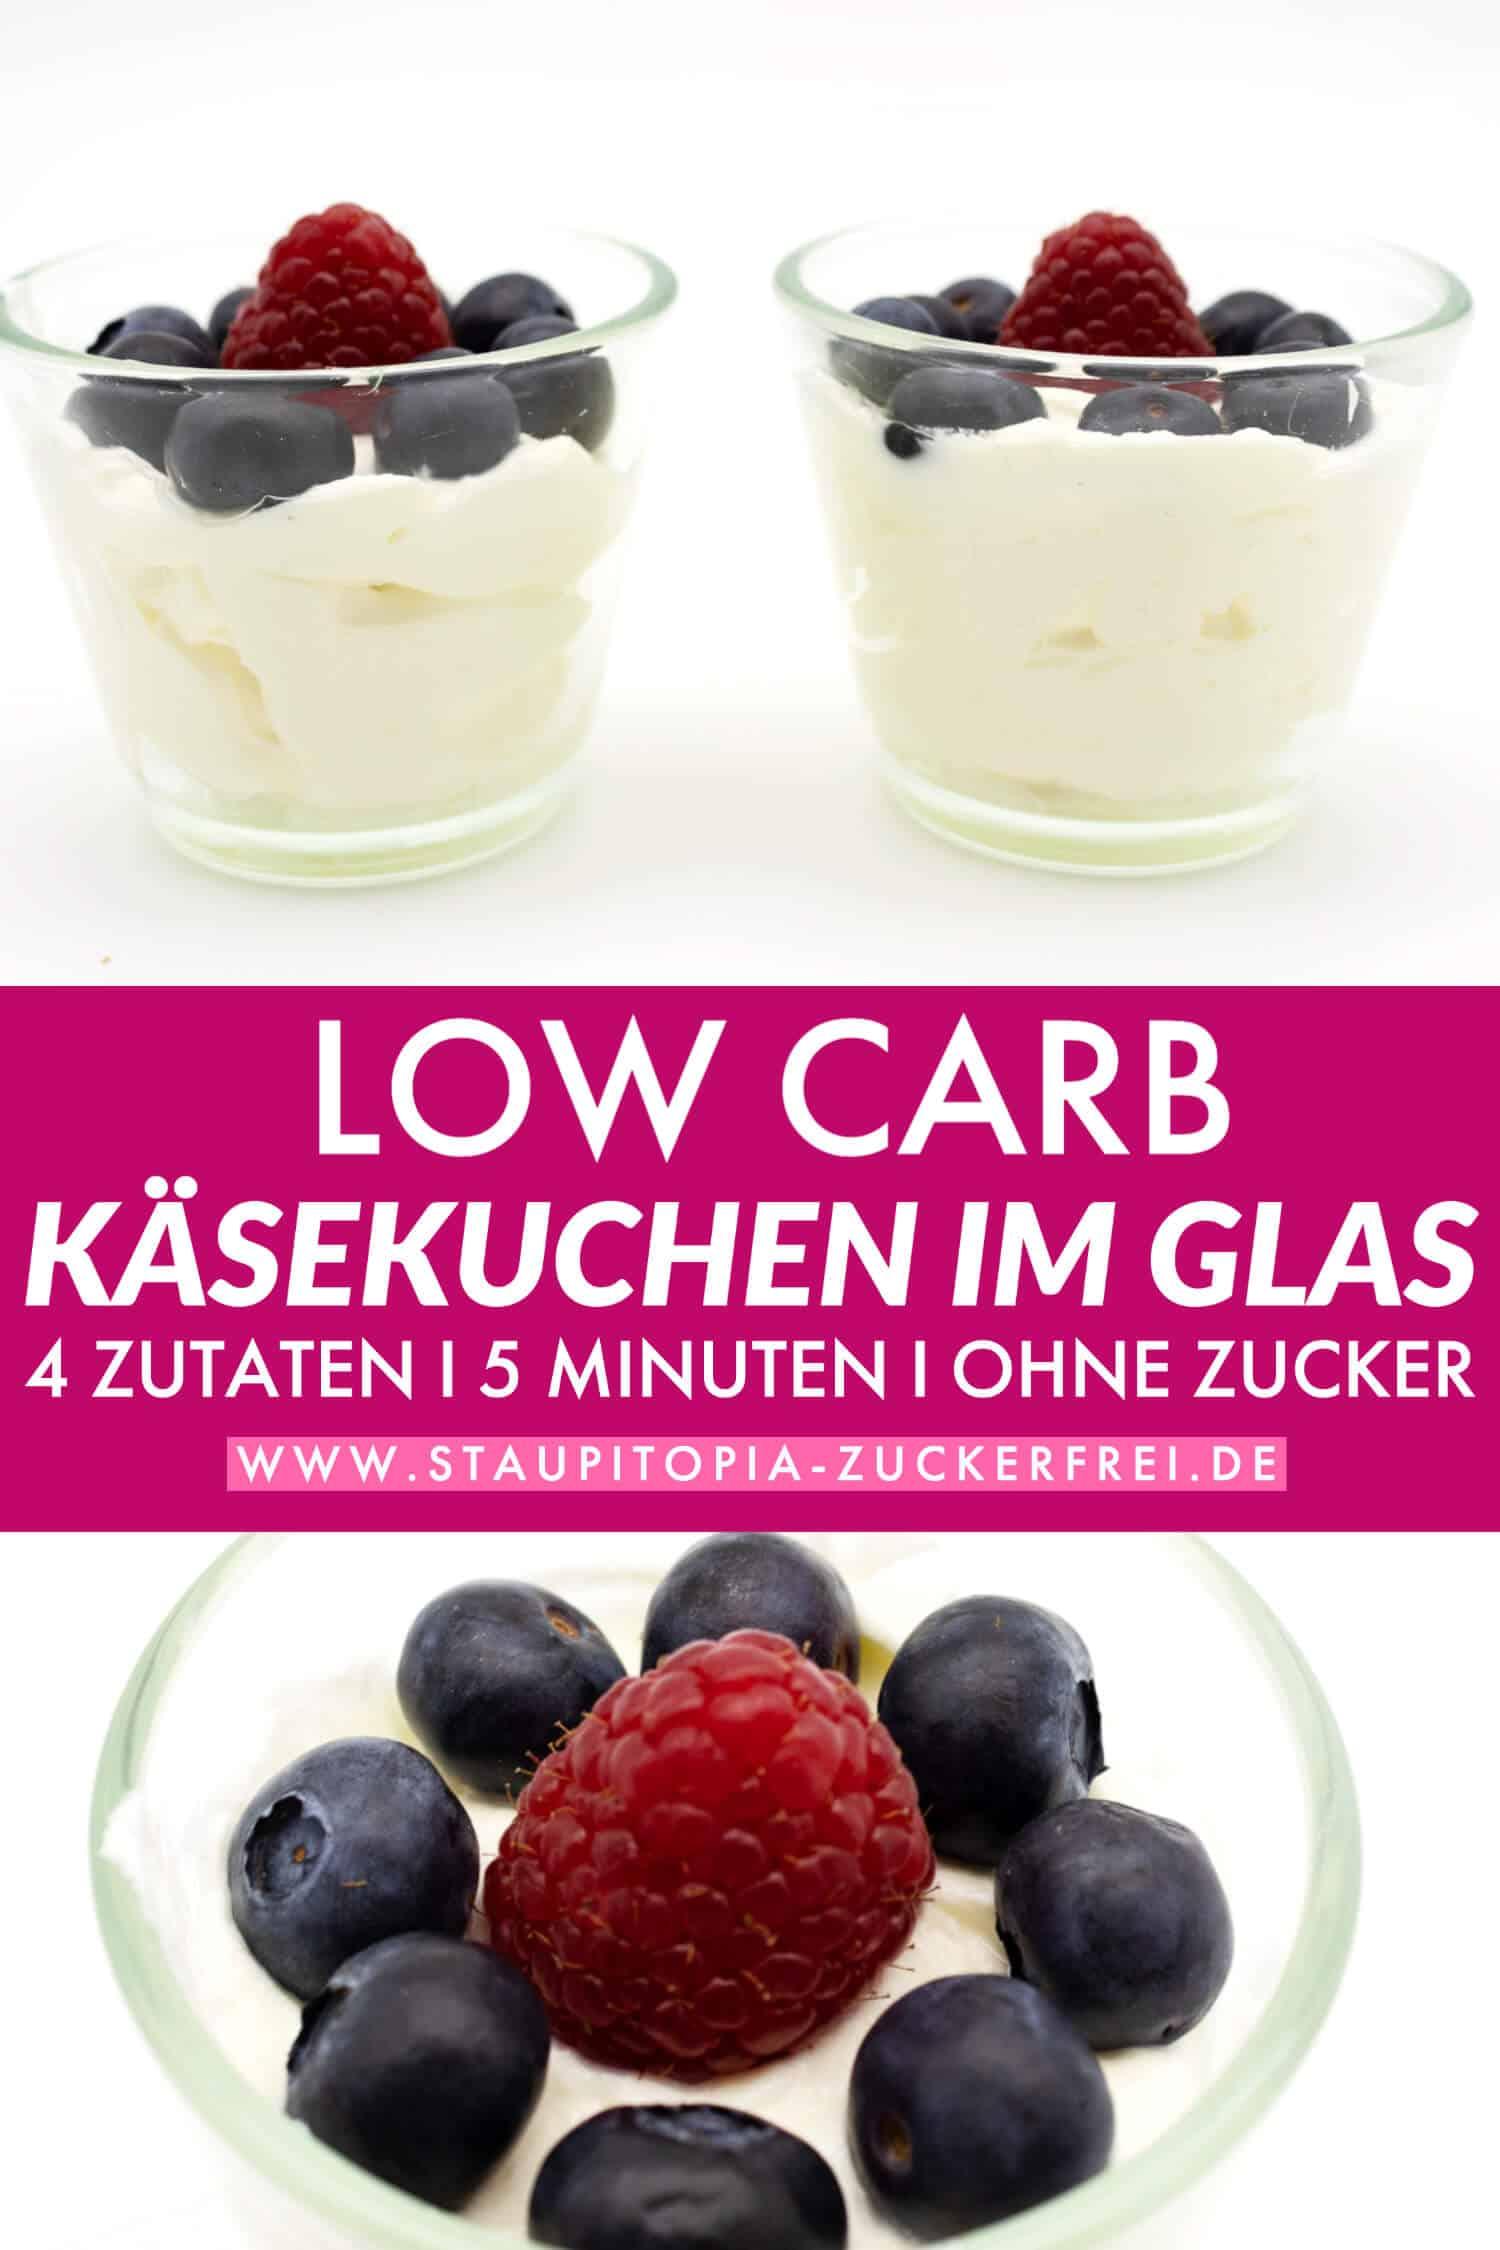 Low Carb Käsekuchen im Glas ohne Backen